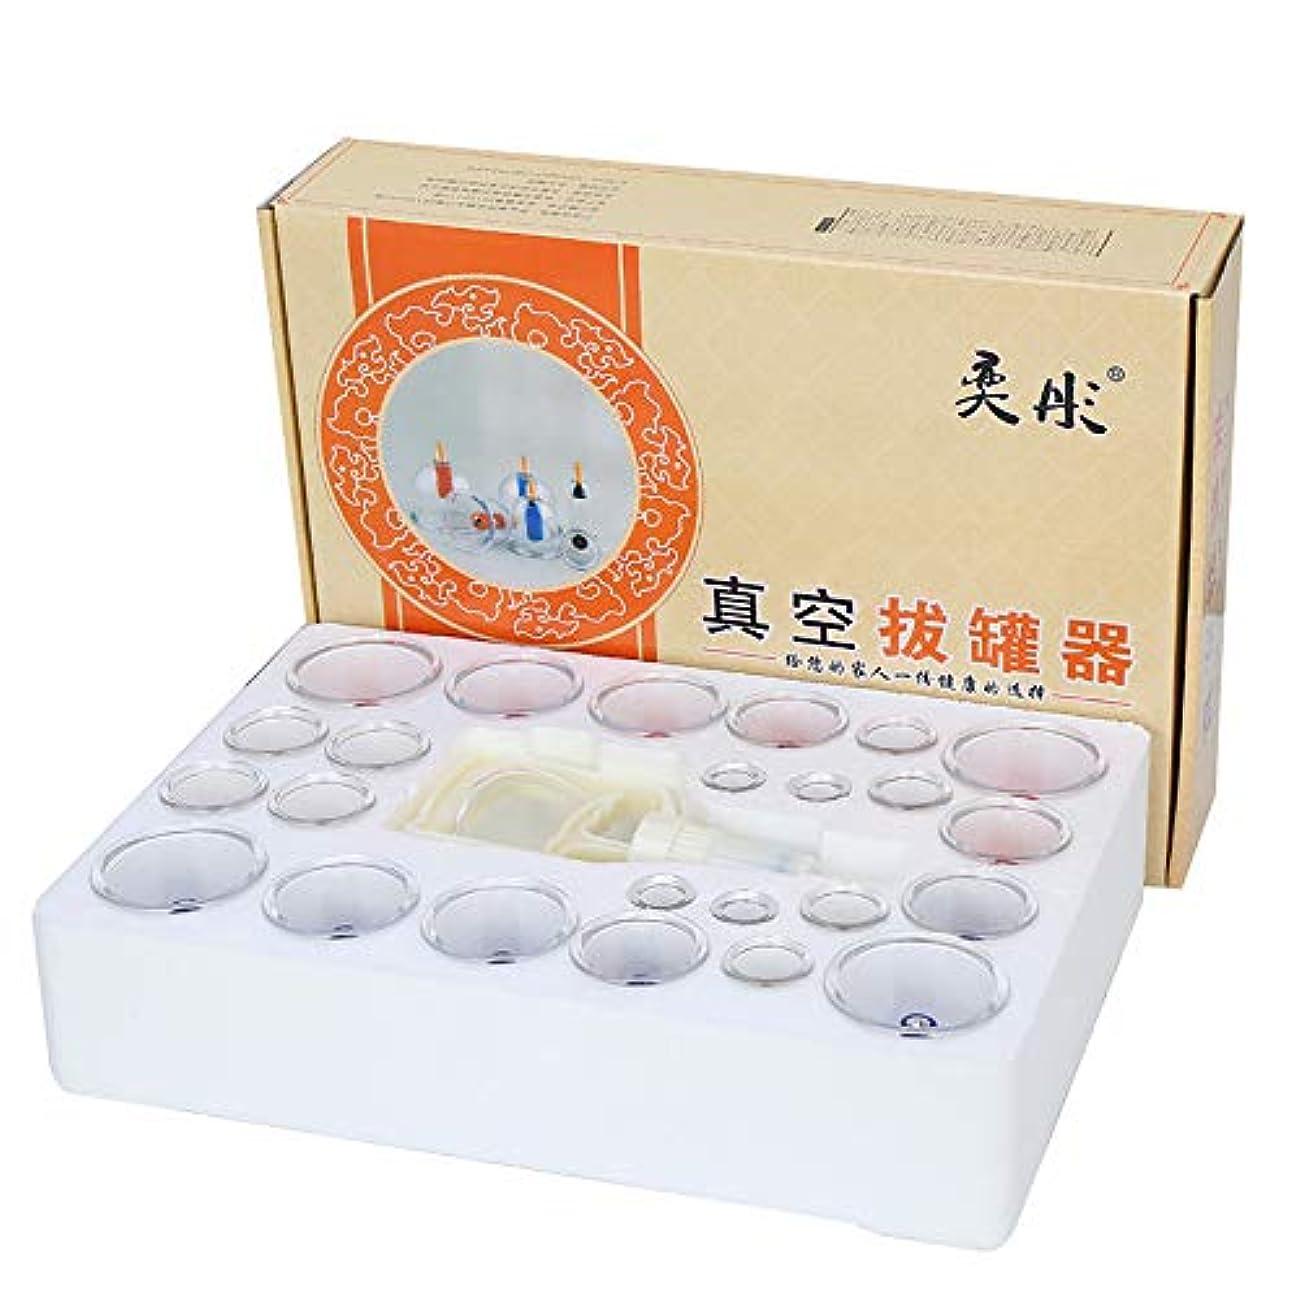 中性対象カバレッジホーム中国製カッピング装置、背中/首の痛み/体重減少/リリーフ筋肉用の吸引ハンドル付き24個の磁気真空吸引カップ